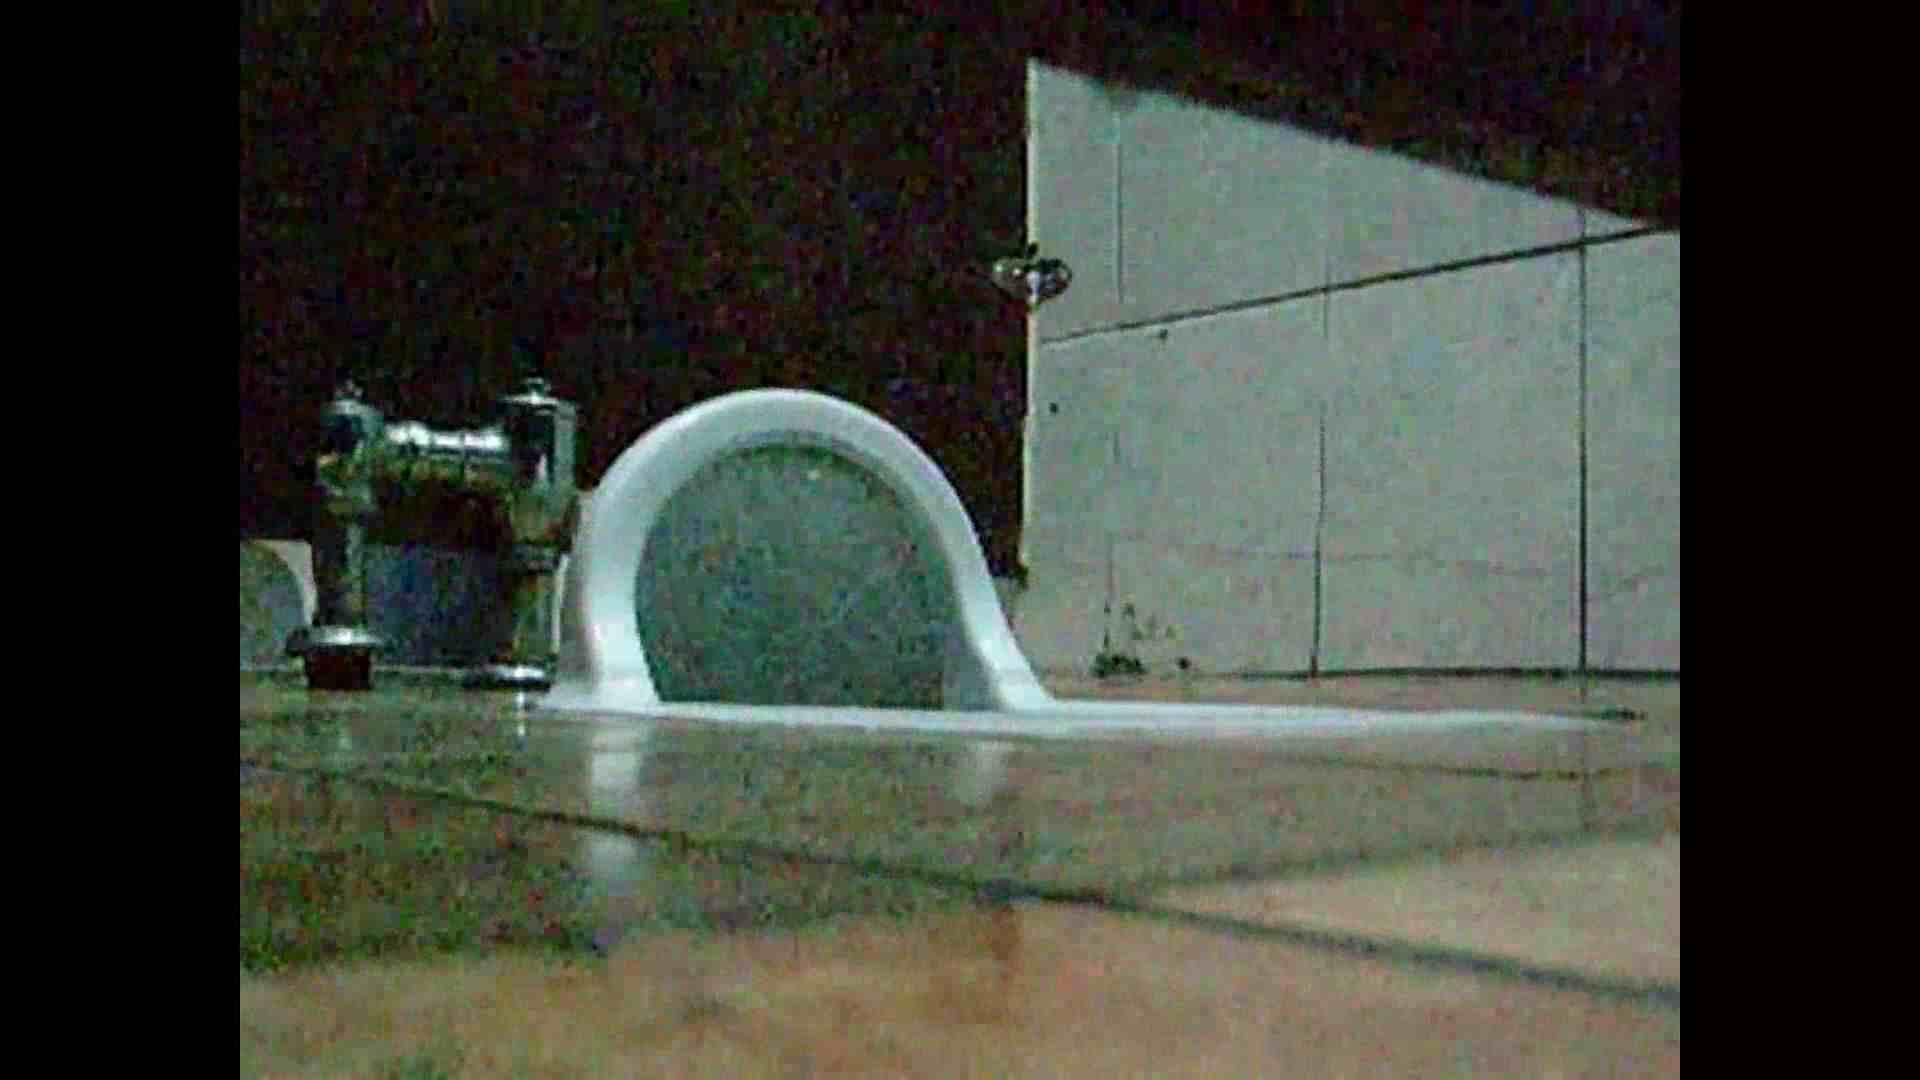 潜入!!韓国秘密のトイレ!Vol.09 エッチな盗撮 オマンコ無修正動画無料 113pic 74